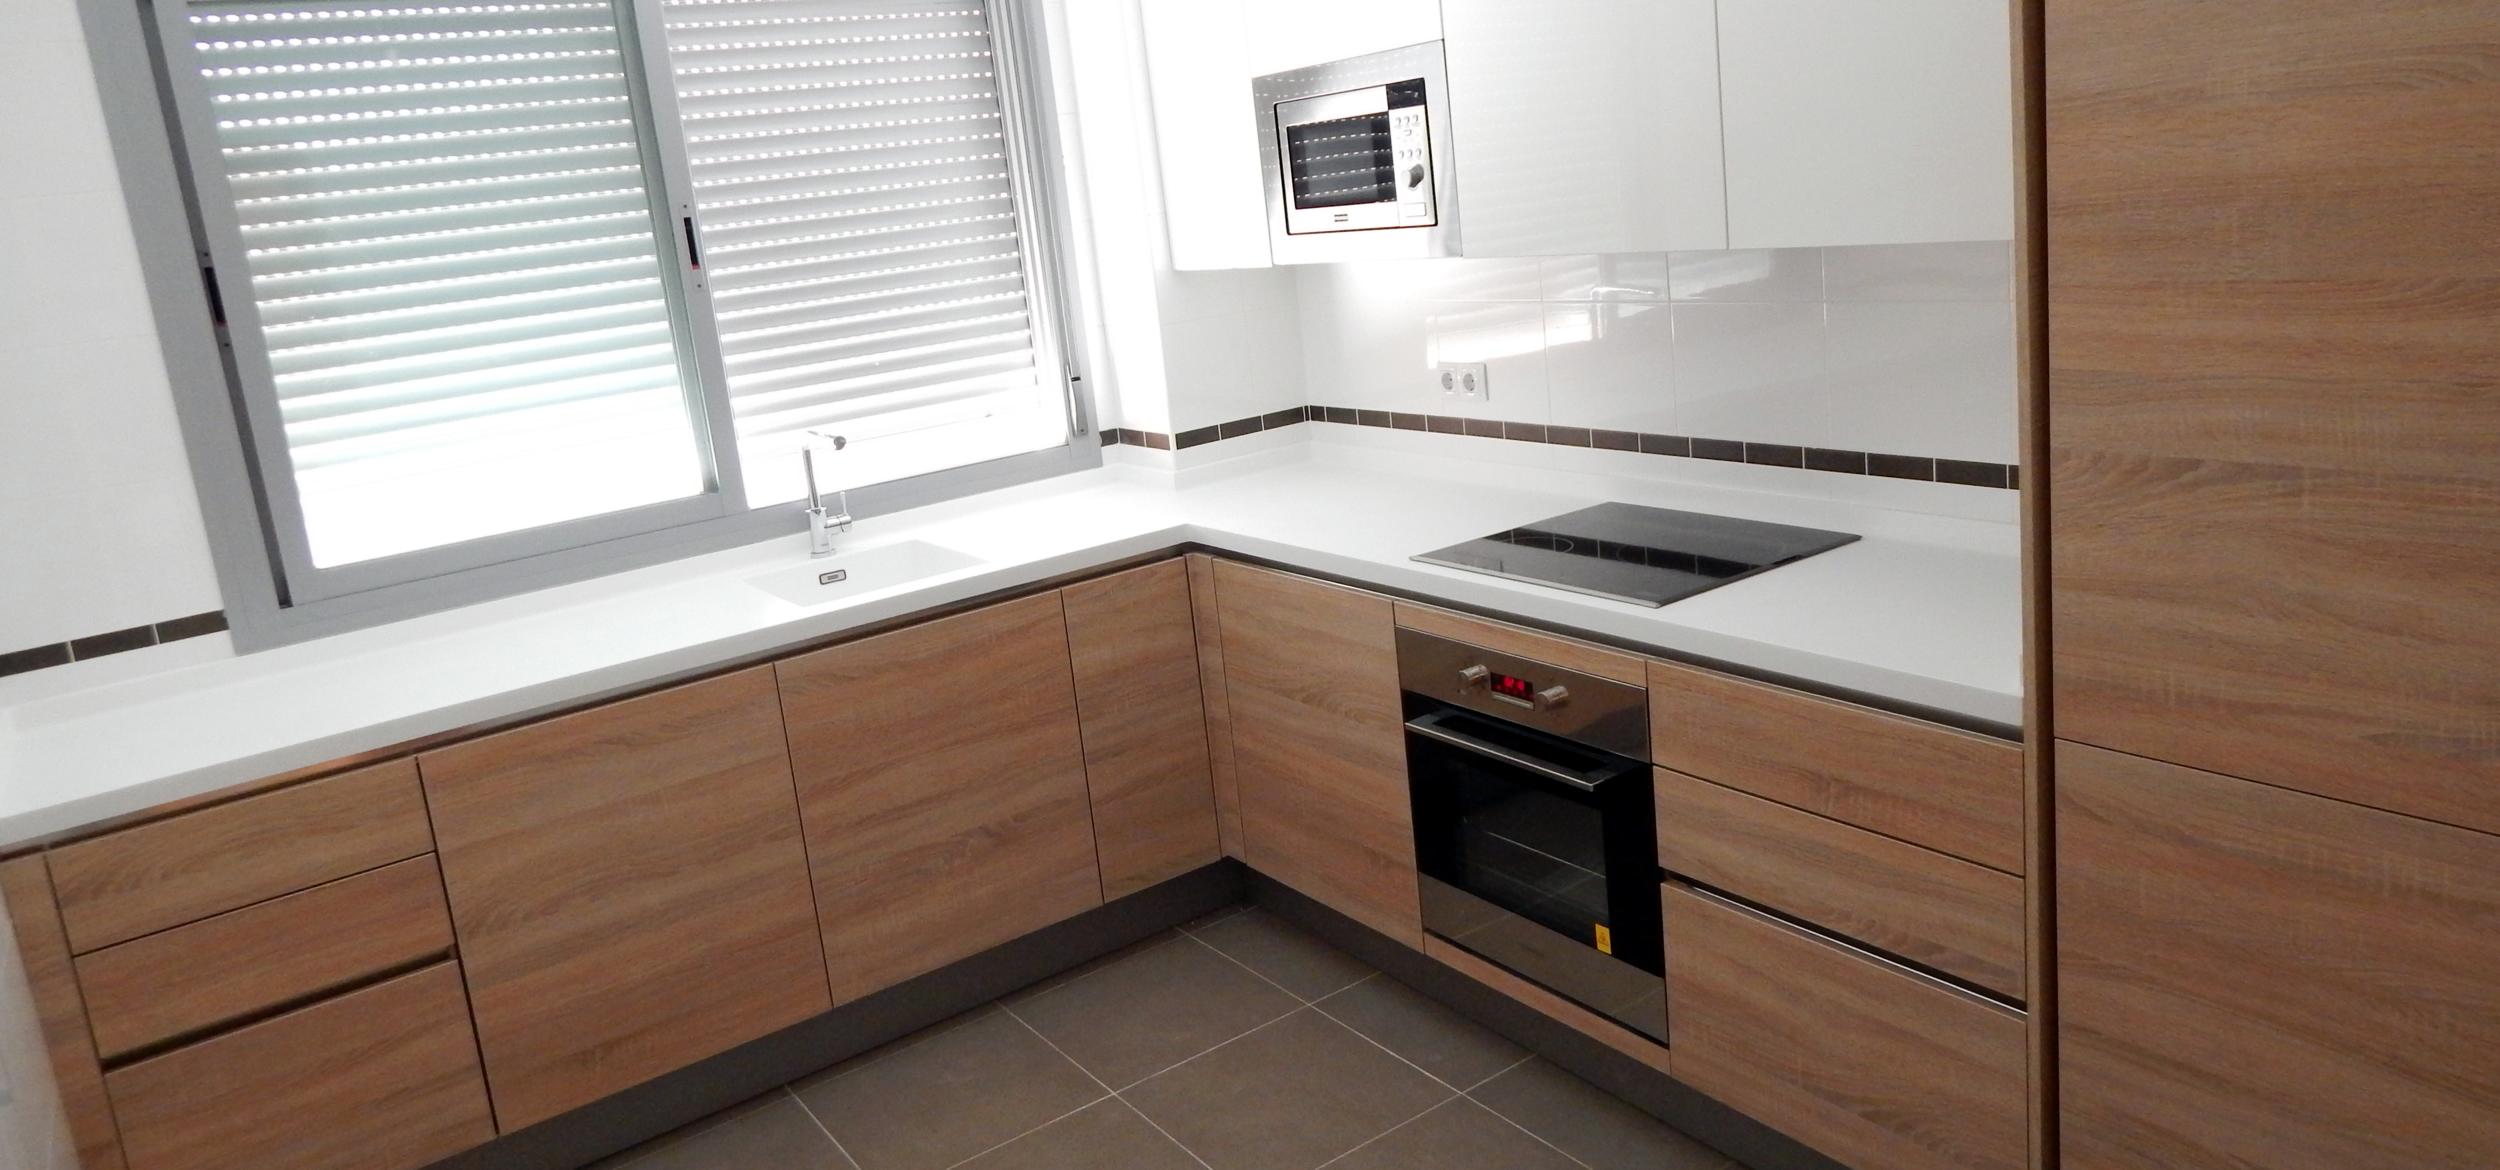 Muebles de cocina sin tiradores for Diseno muebles para cocina